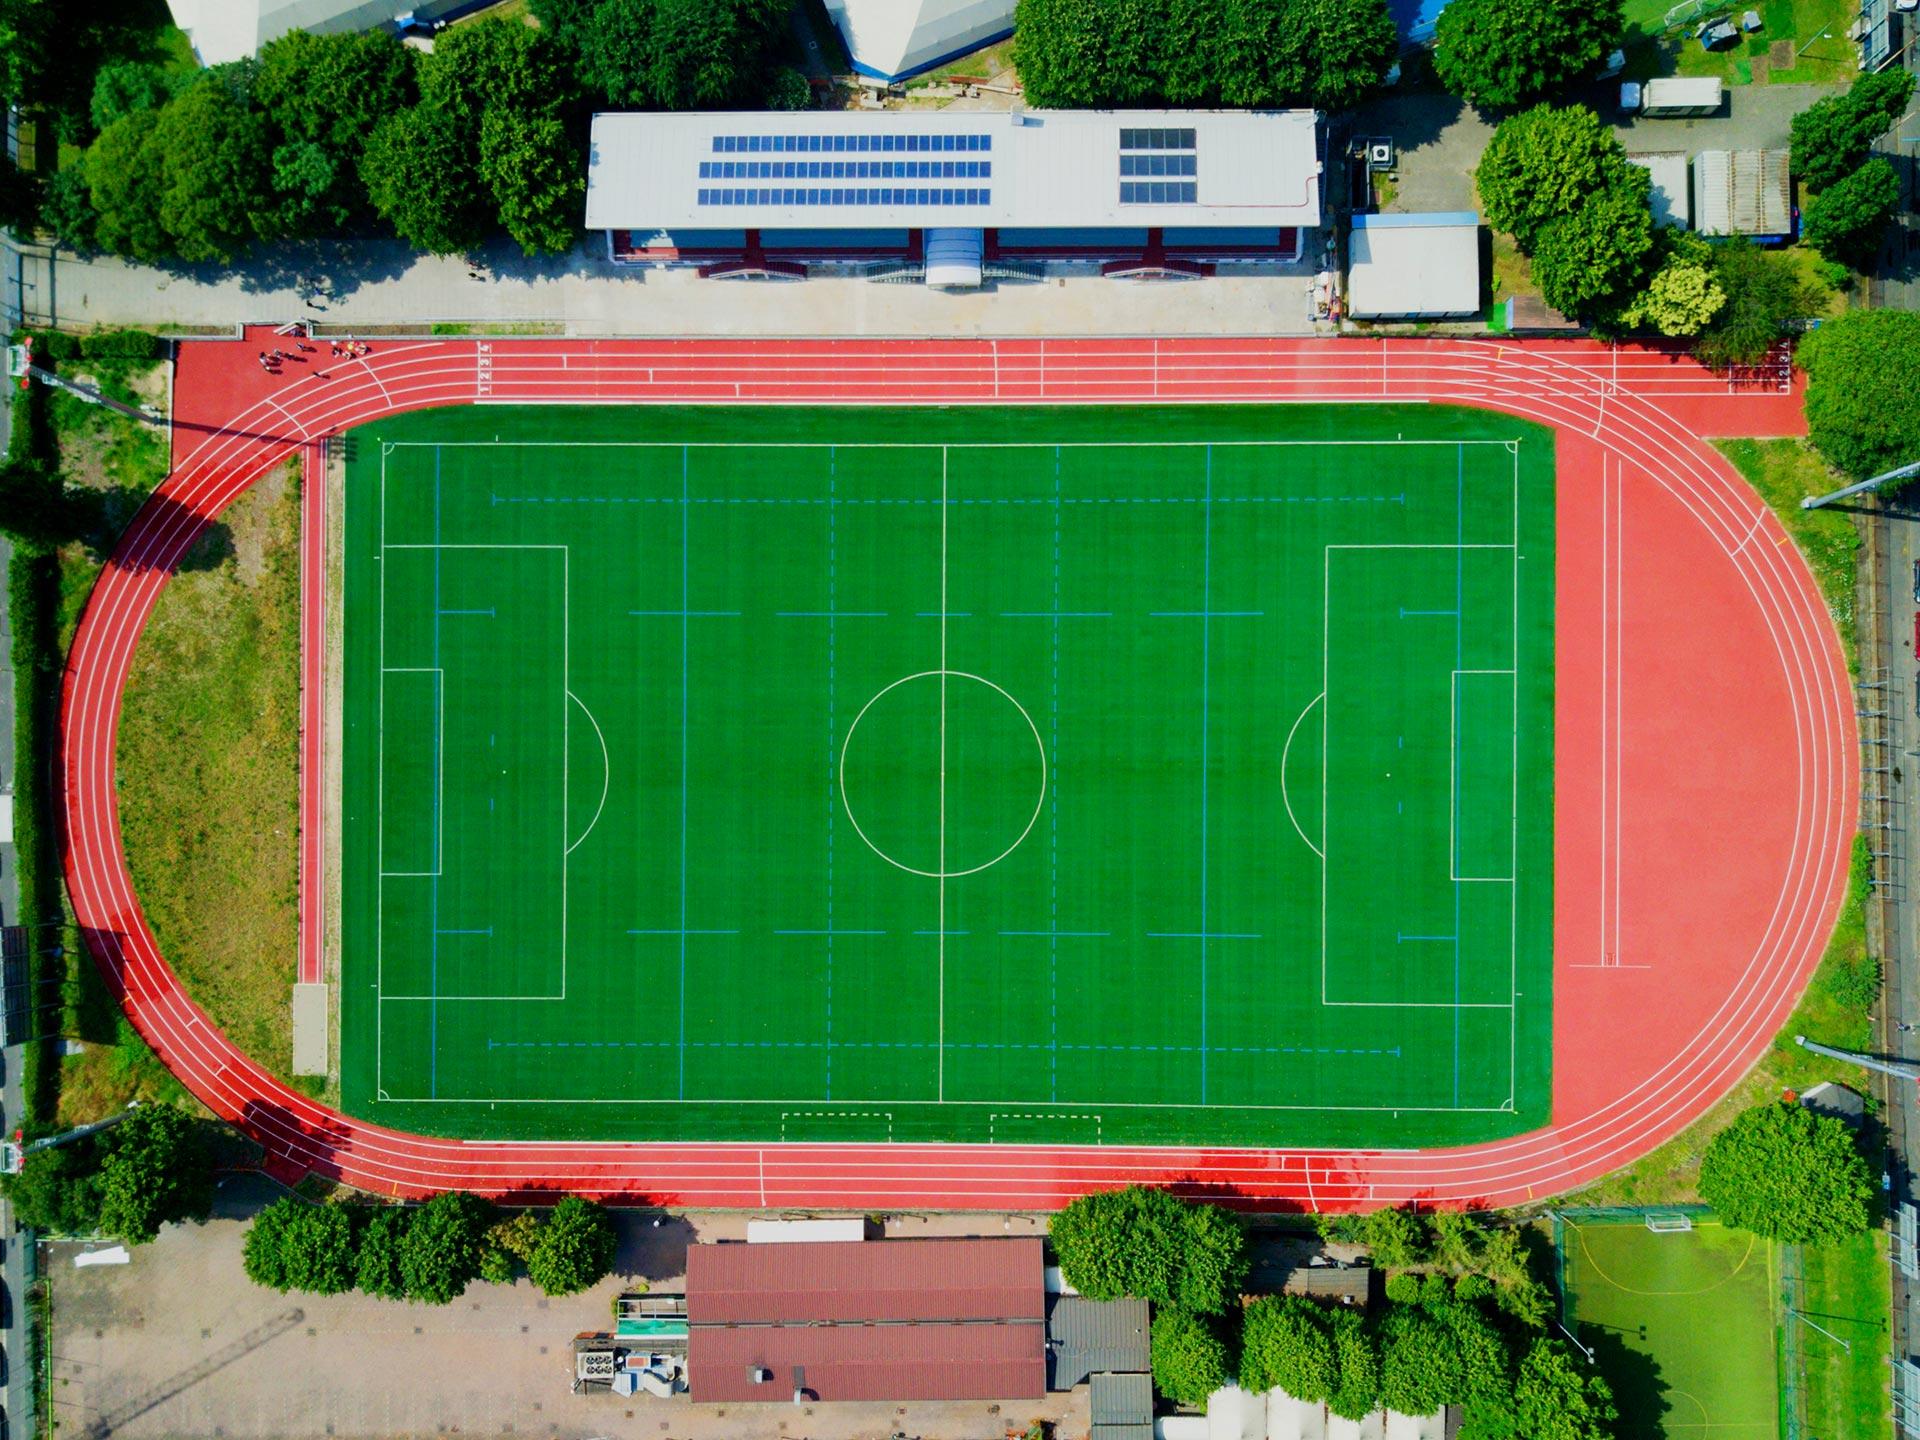 CorriBicocca • Bicocca Stadium